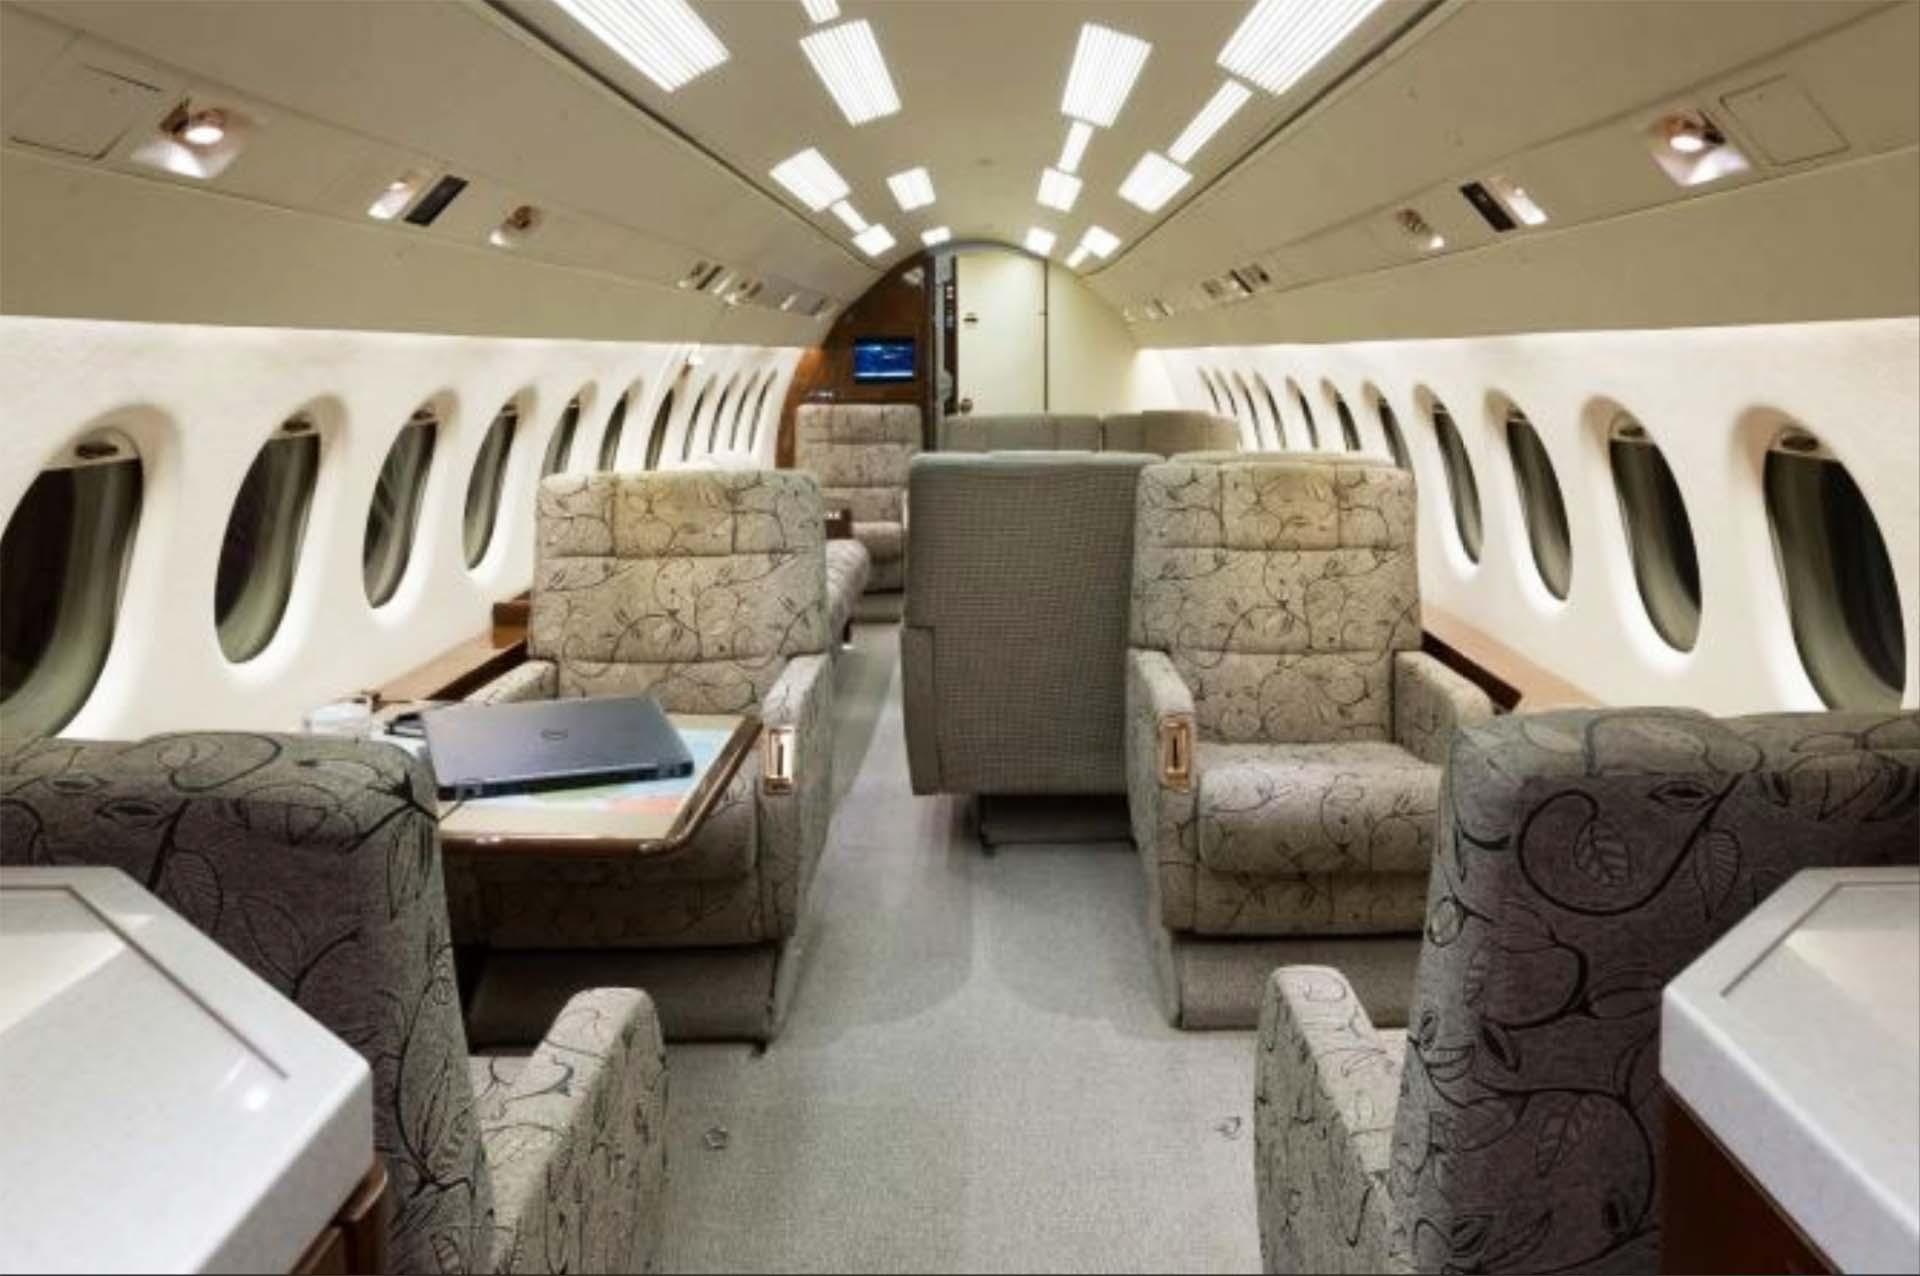 falcon 900 f900 interior before